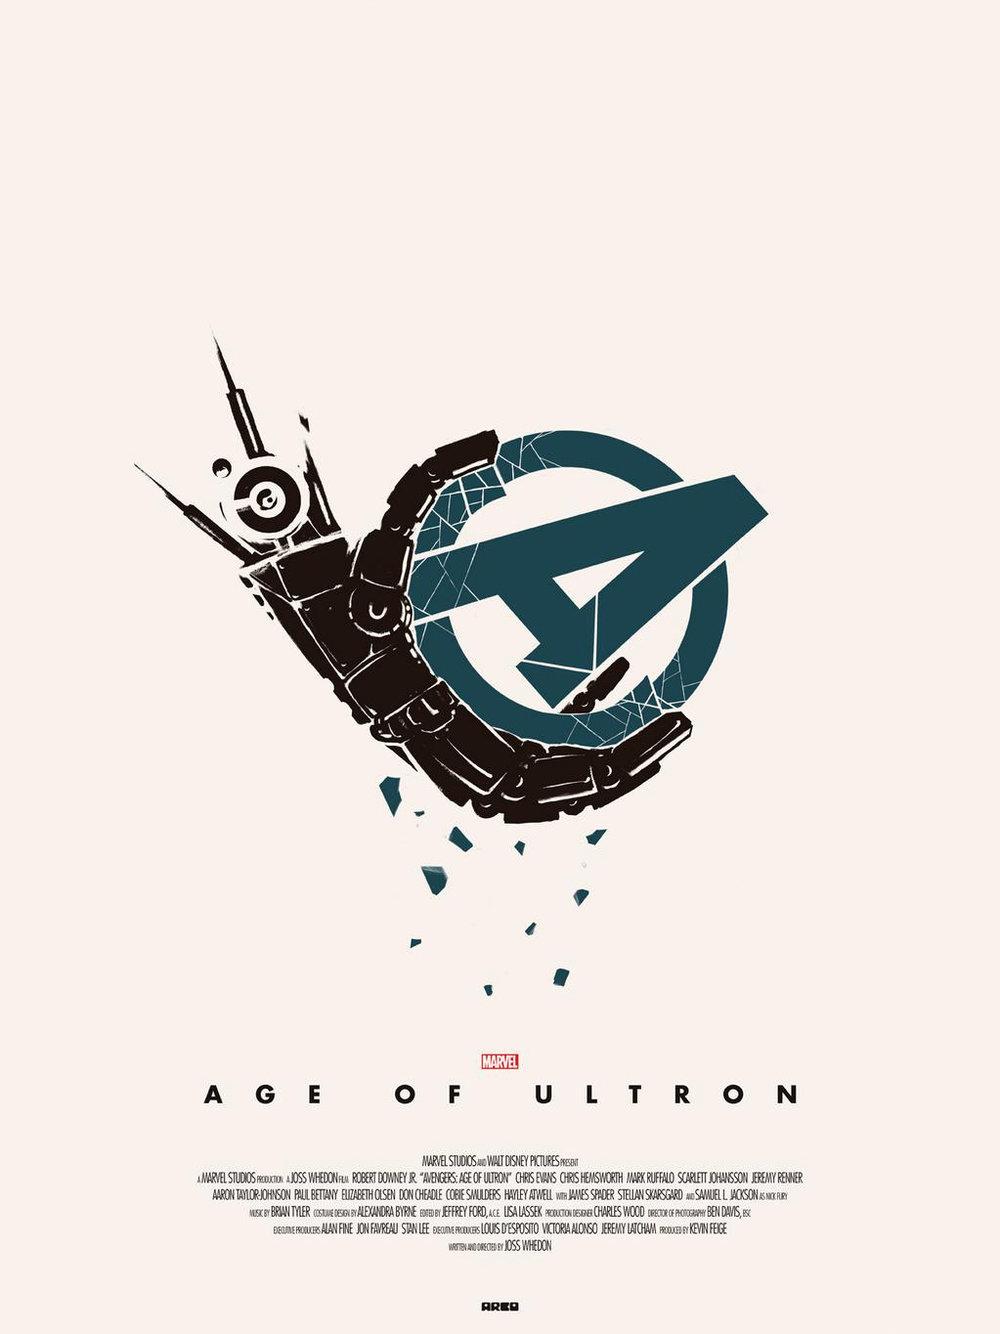 avengers-age-of-ultron-teaser-poster-by-matt-ferguson.jpg